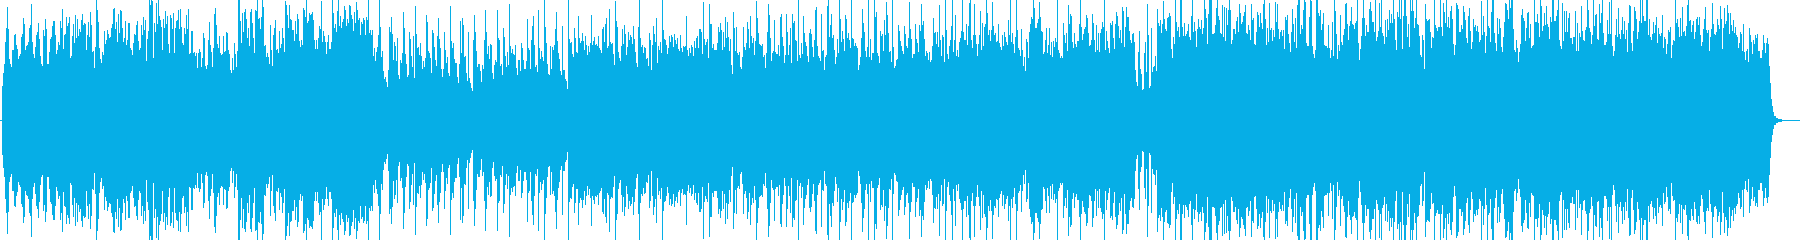 透明感のあるピアノ曲の再生済みの波形